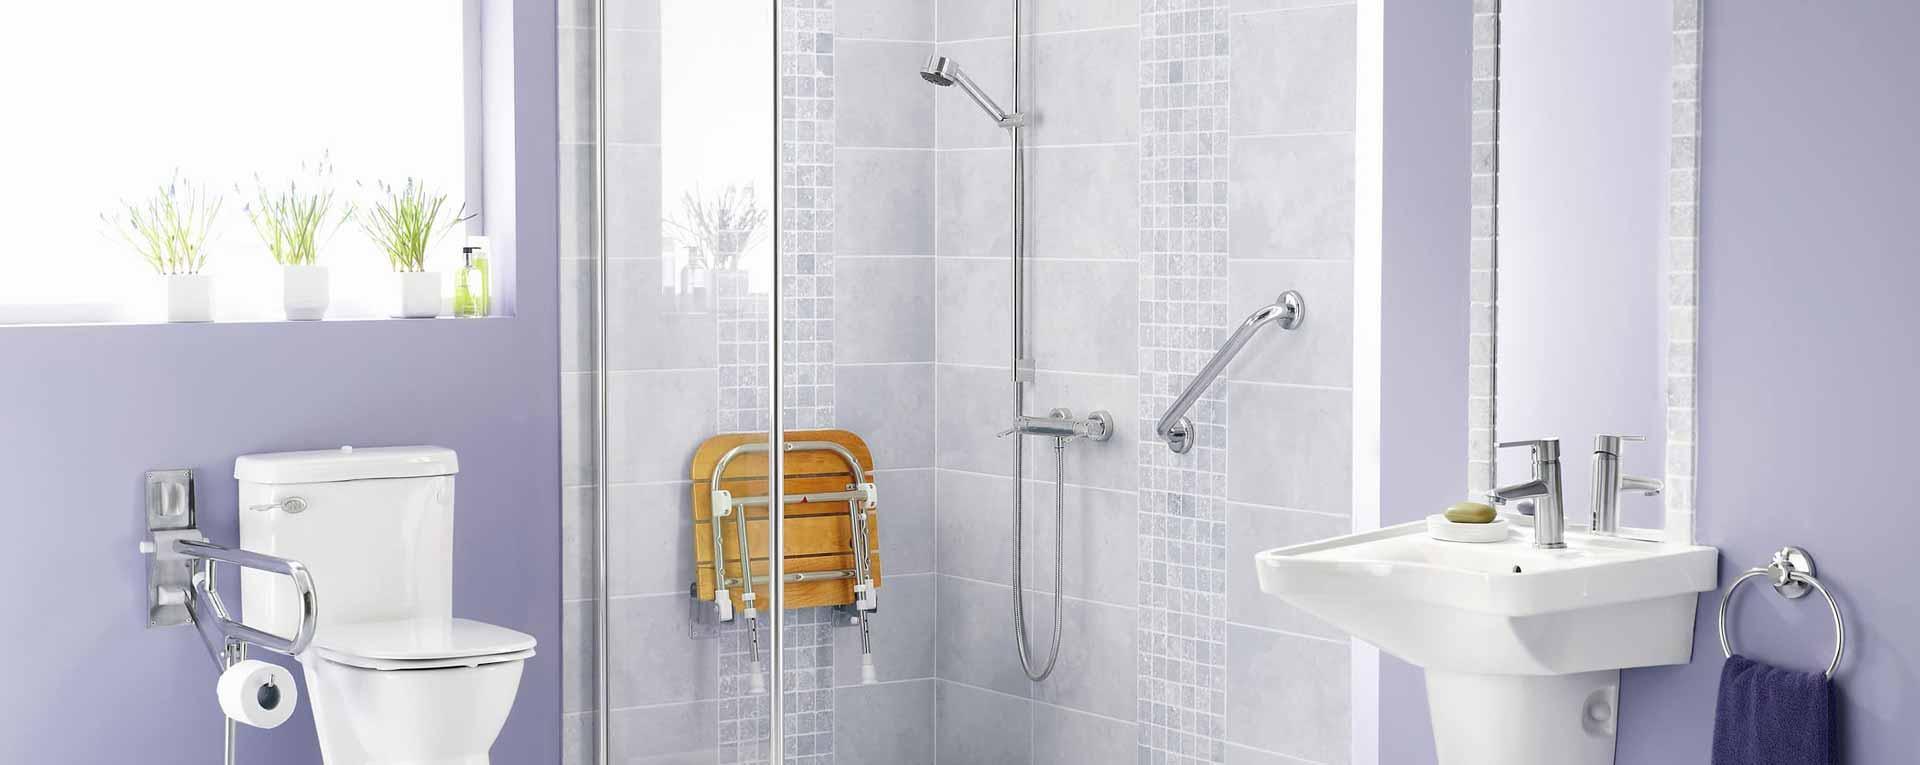 Senior Bathroom Safety